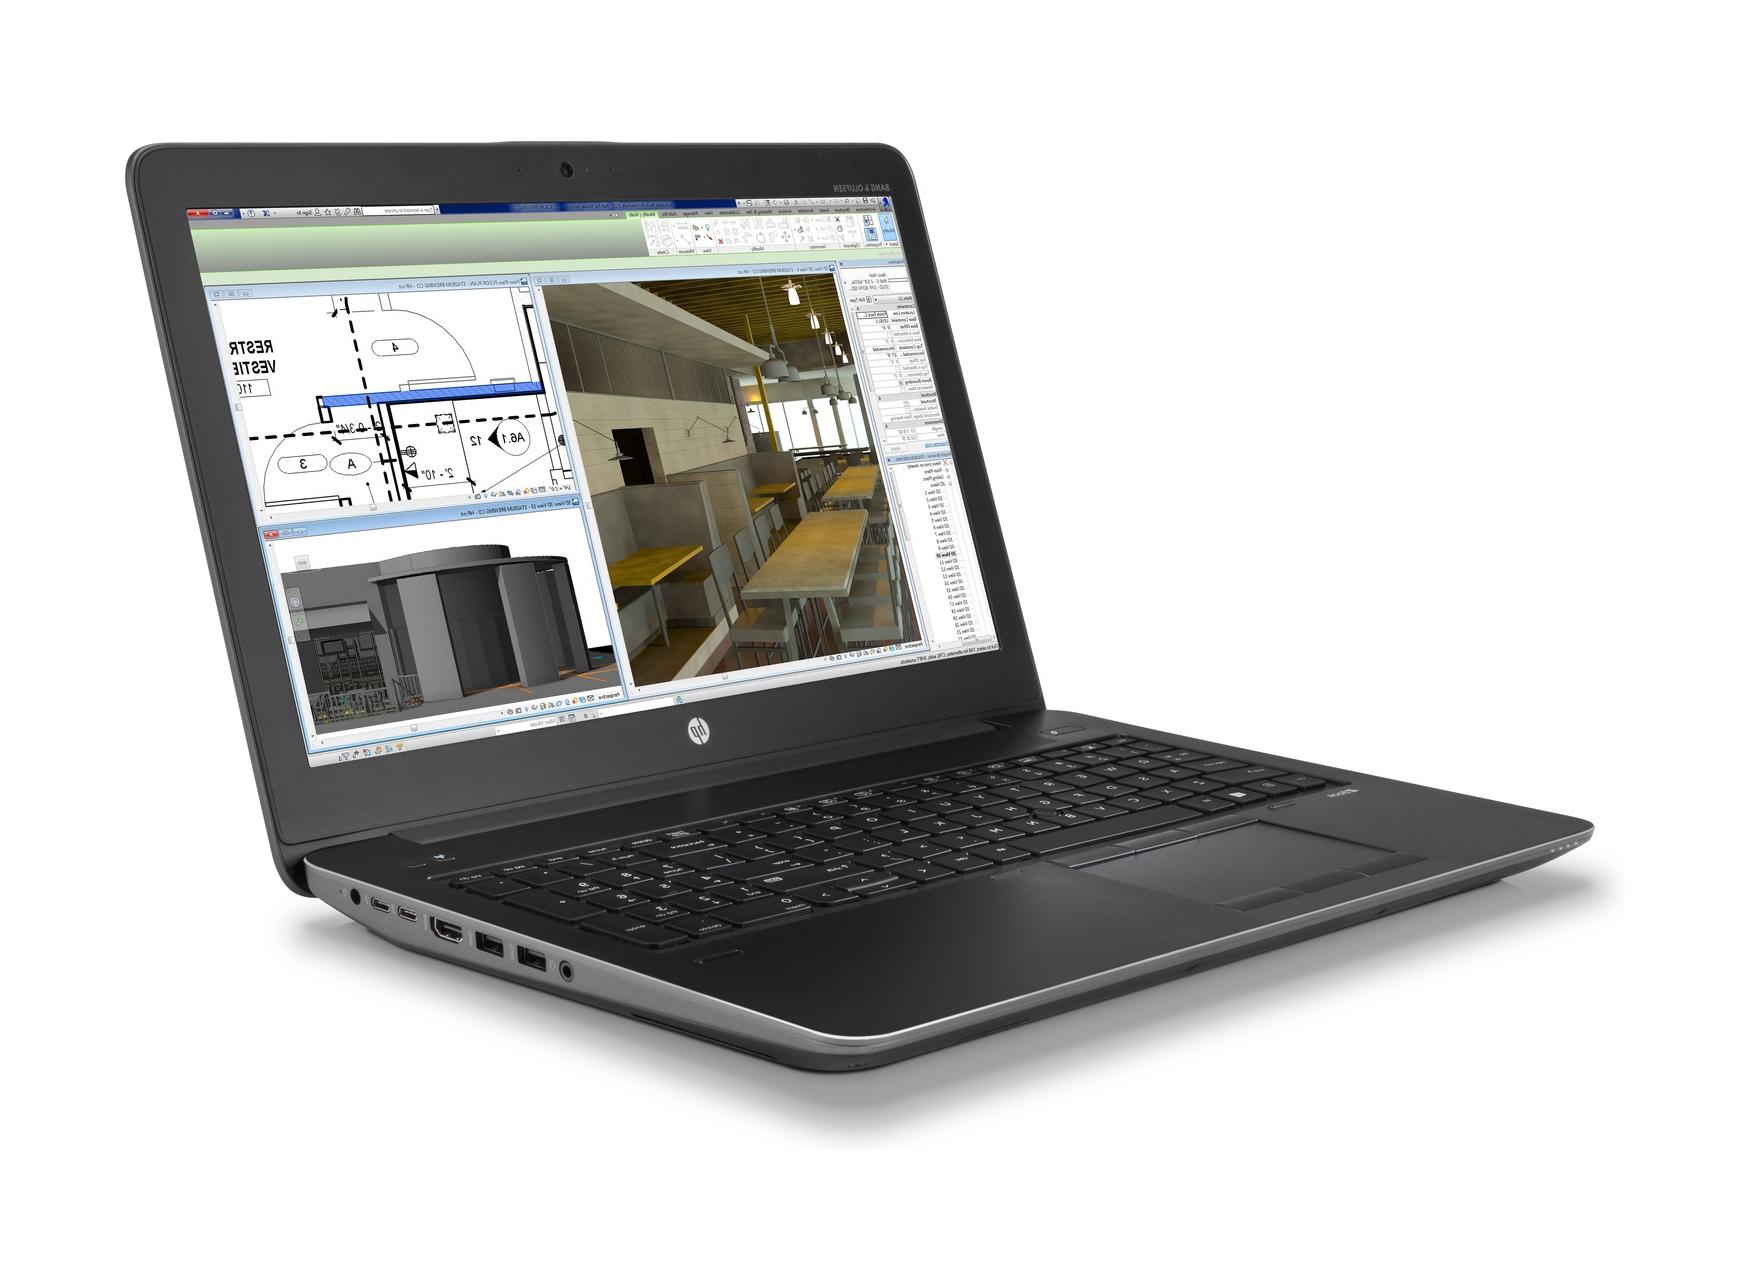 Workstation Portatil Rldj Workstation Portà Til Hp Zbook 15 G4 Core I7 8gb Ssd 256gb Turboz